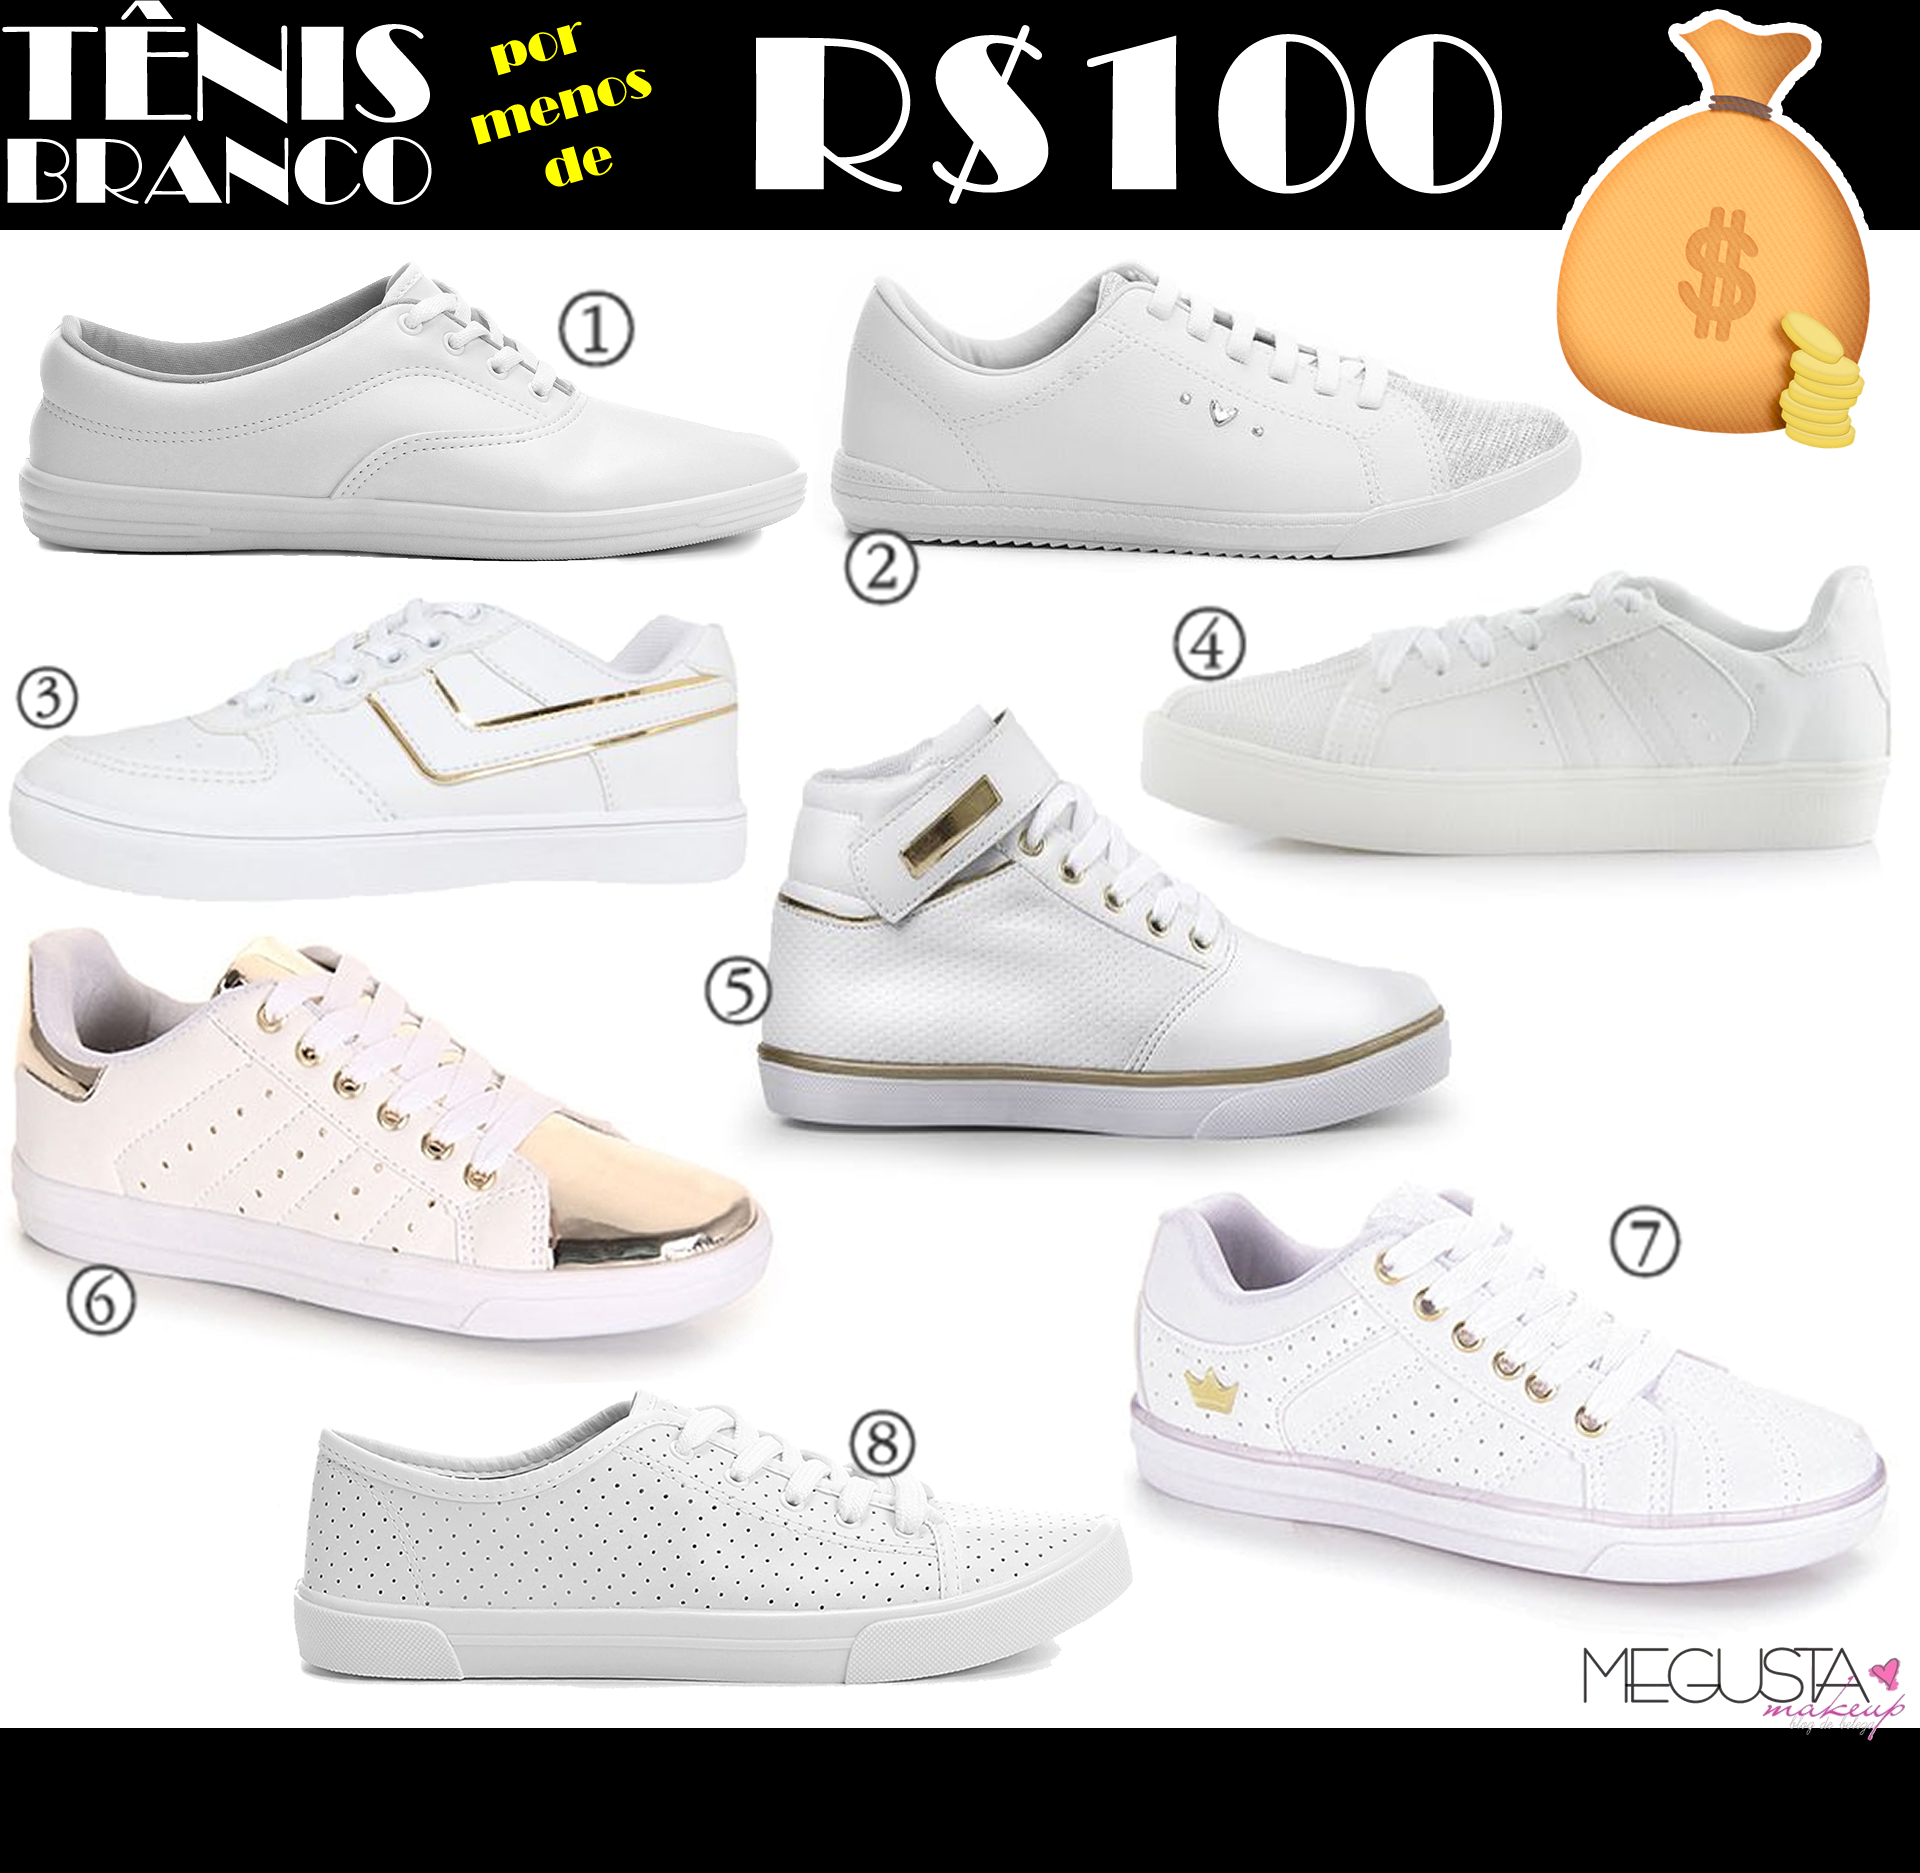 Sem título 2.fw  - Onde Comprar: Tênis Branco por Menos de R$100